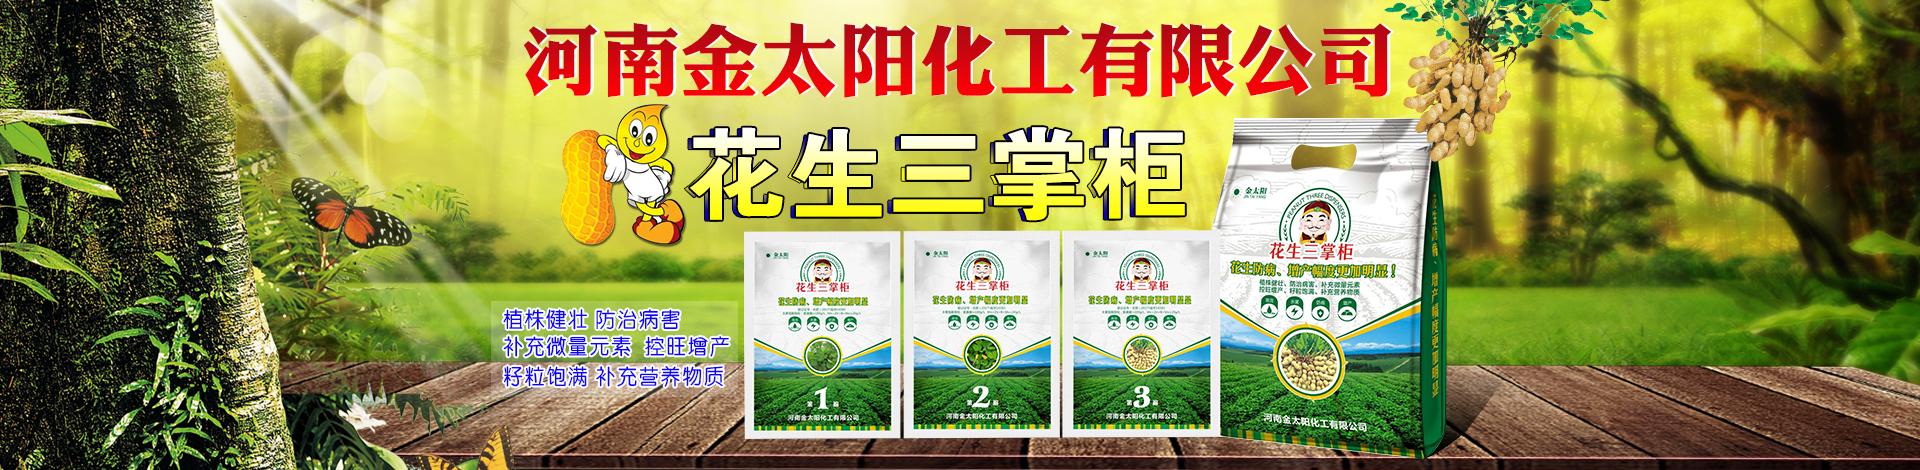 河南金太阳化工有限公司